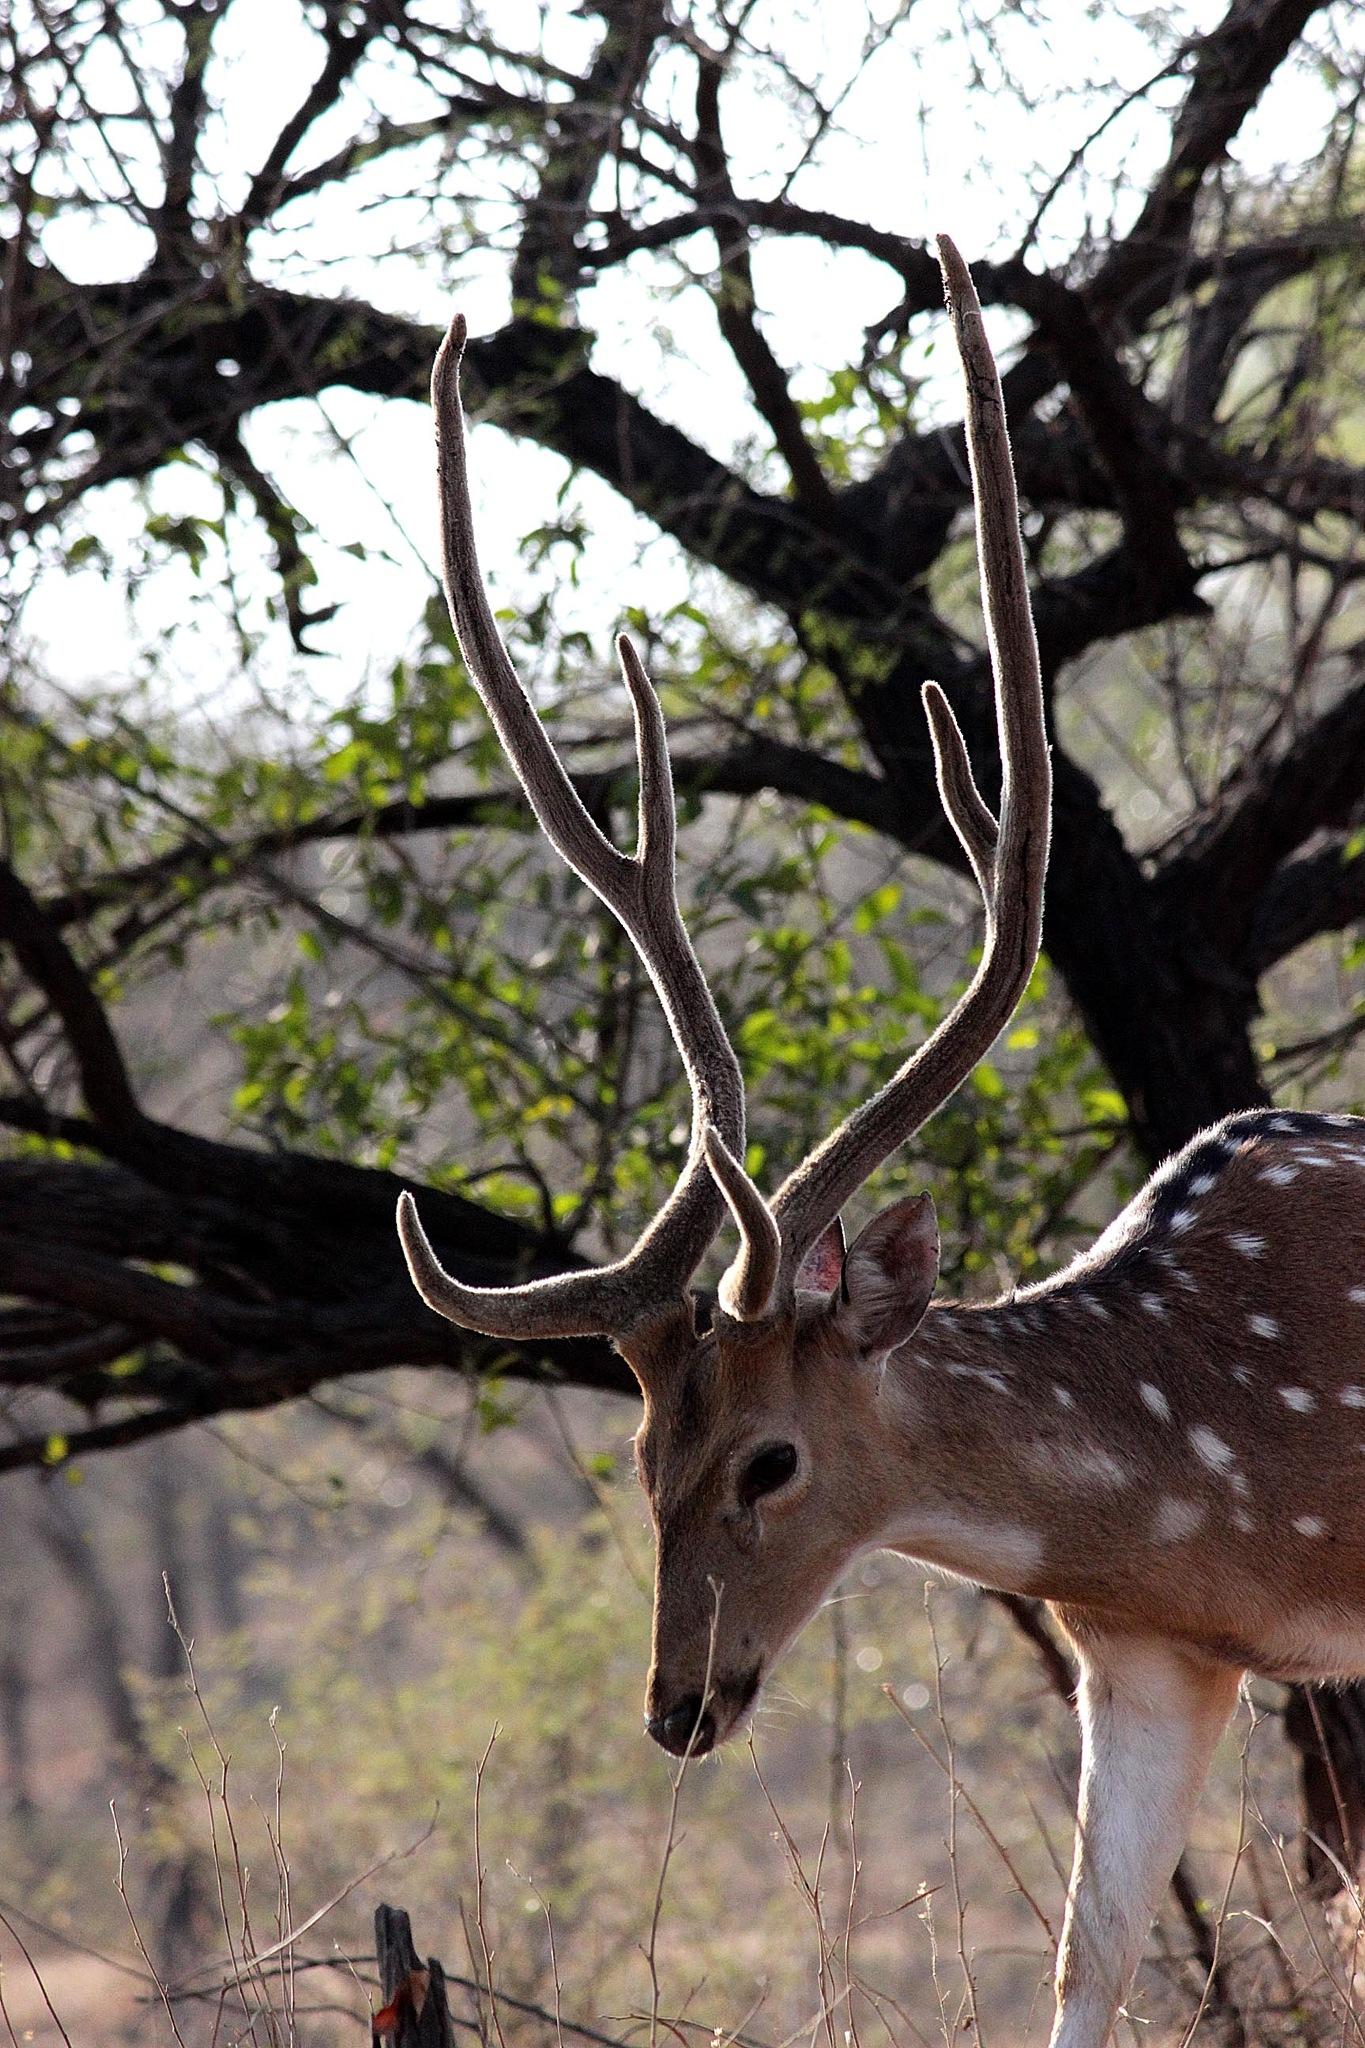 spotted deer by Hemang Shukla